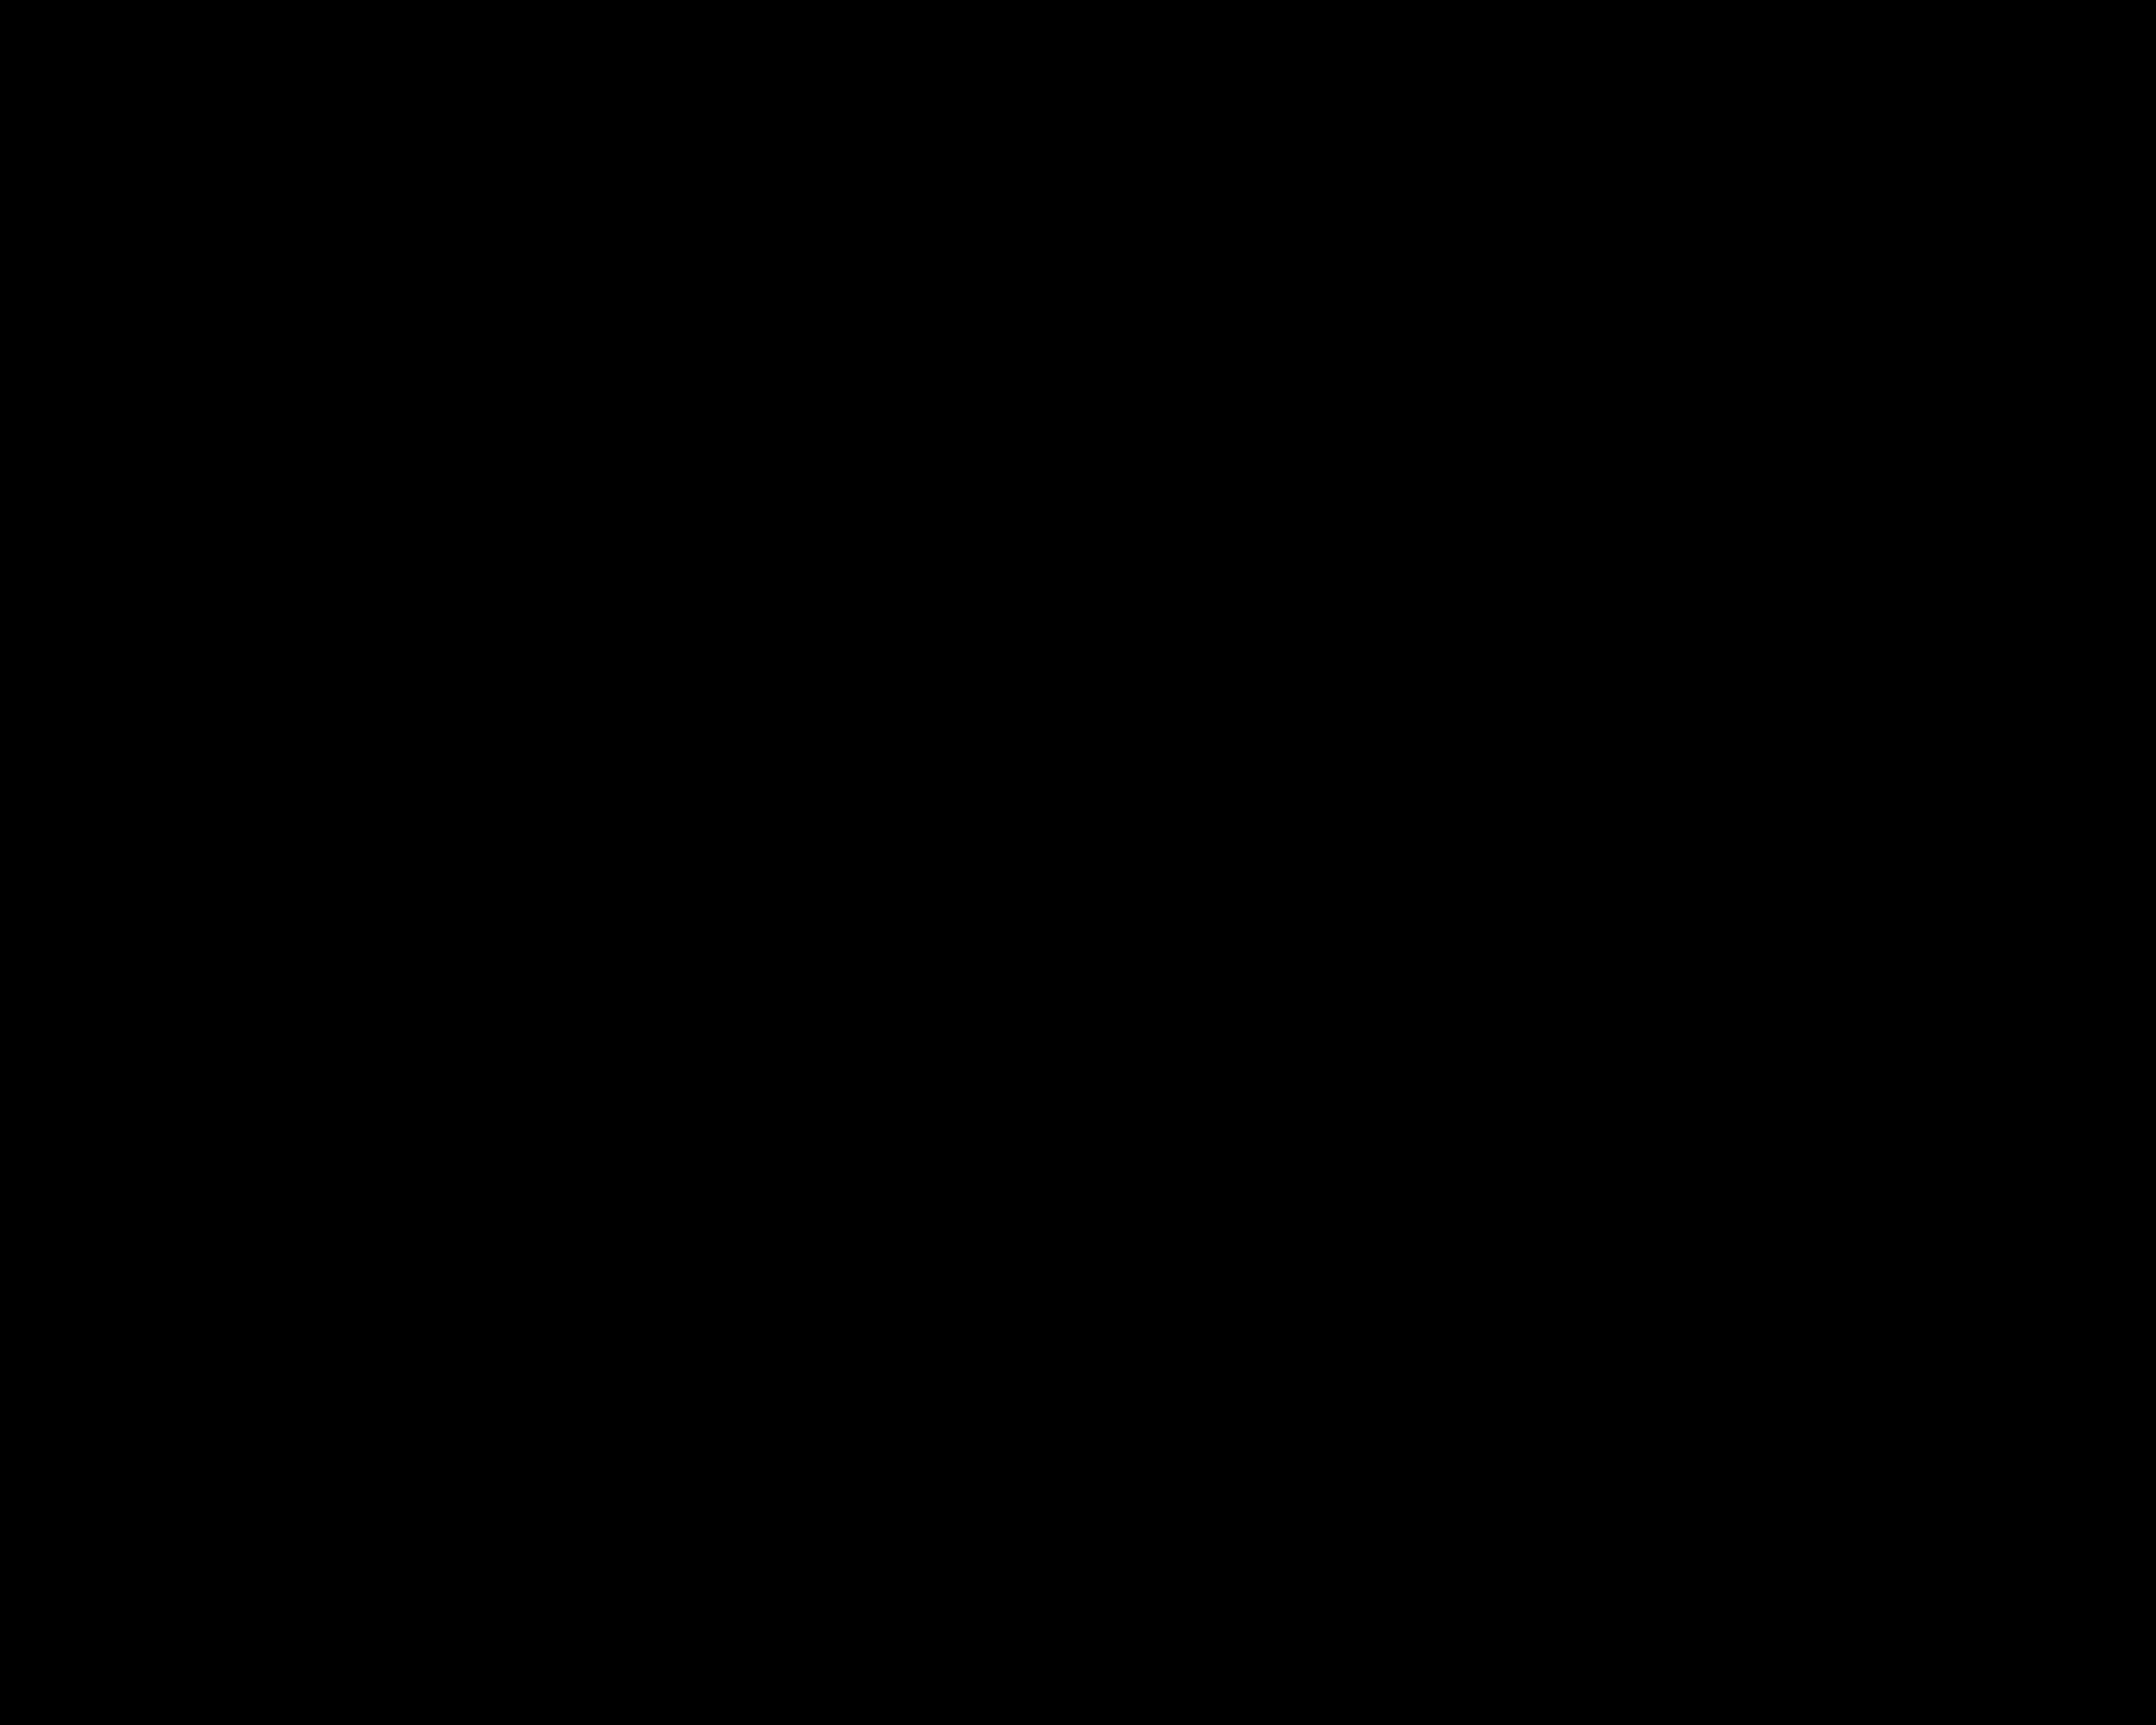 Brian Miller Yoga